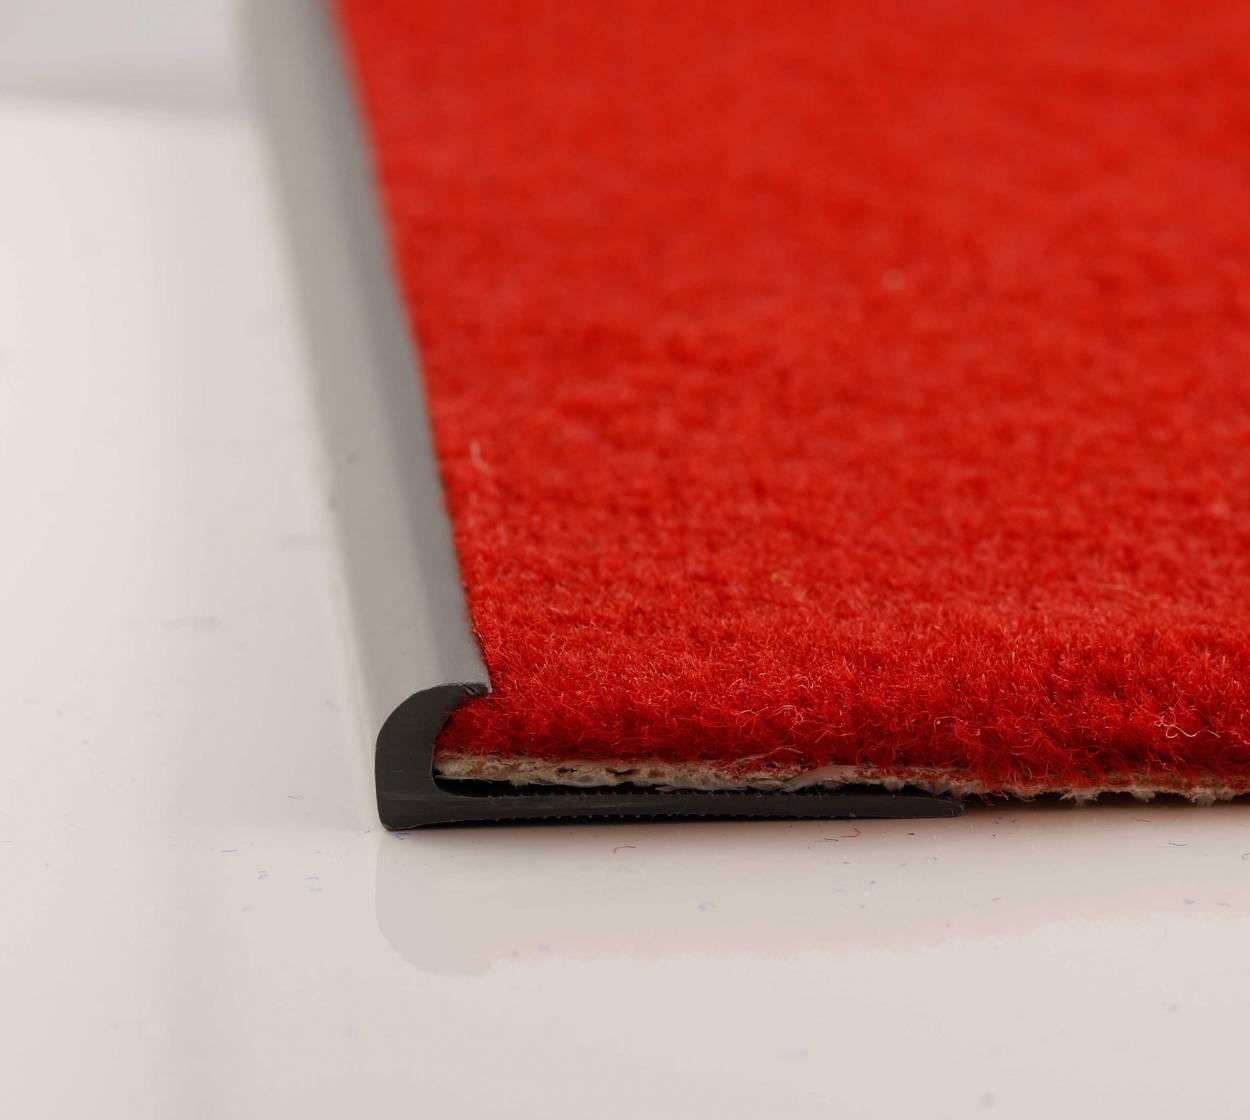 PVC Kante grau, 4,5 mm, 3P05 im Stamm online Store München